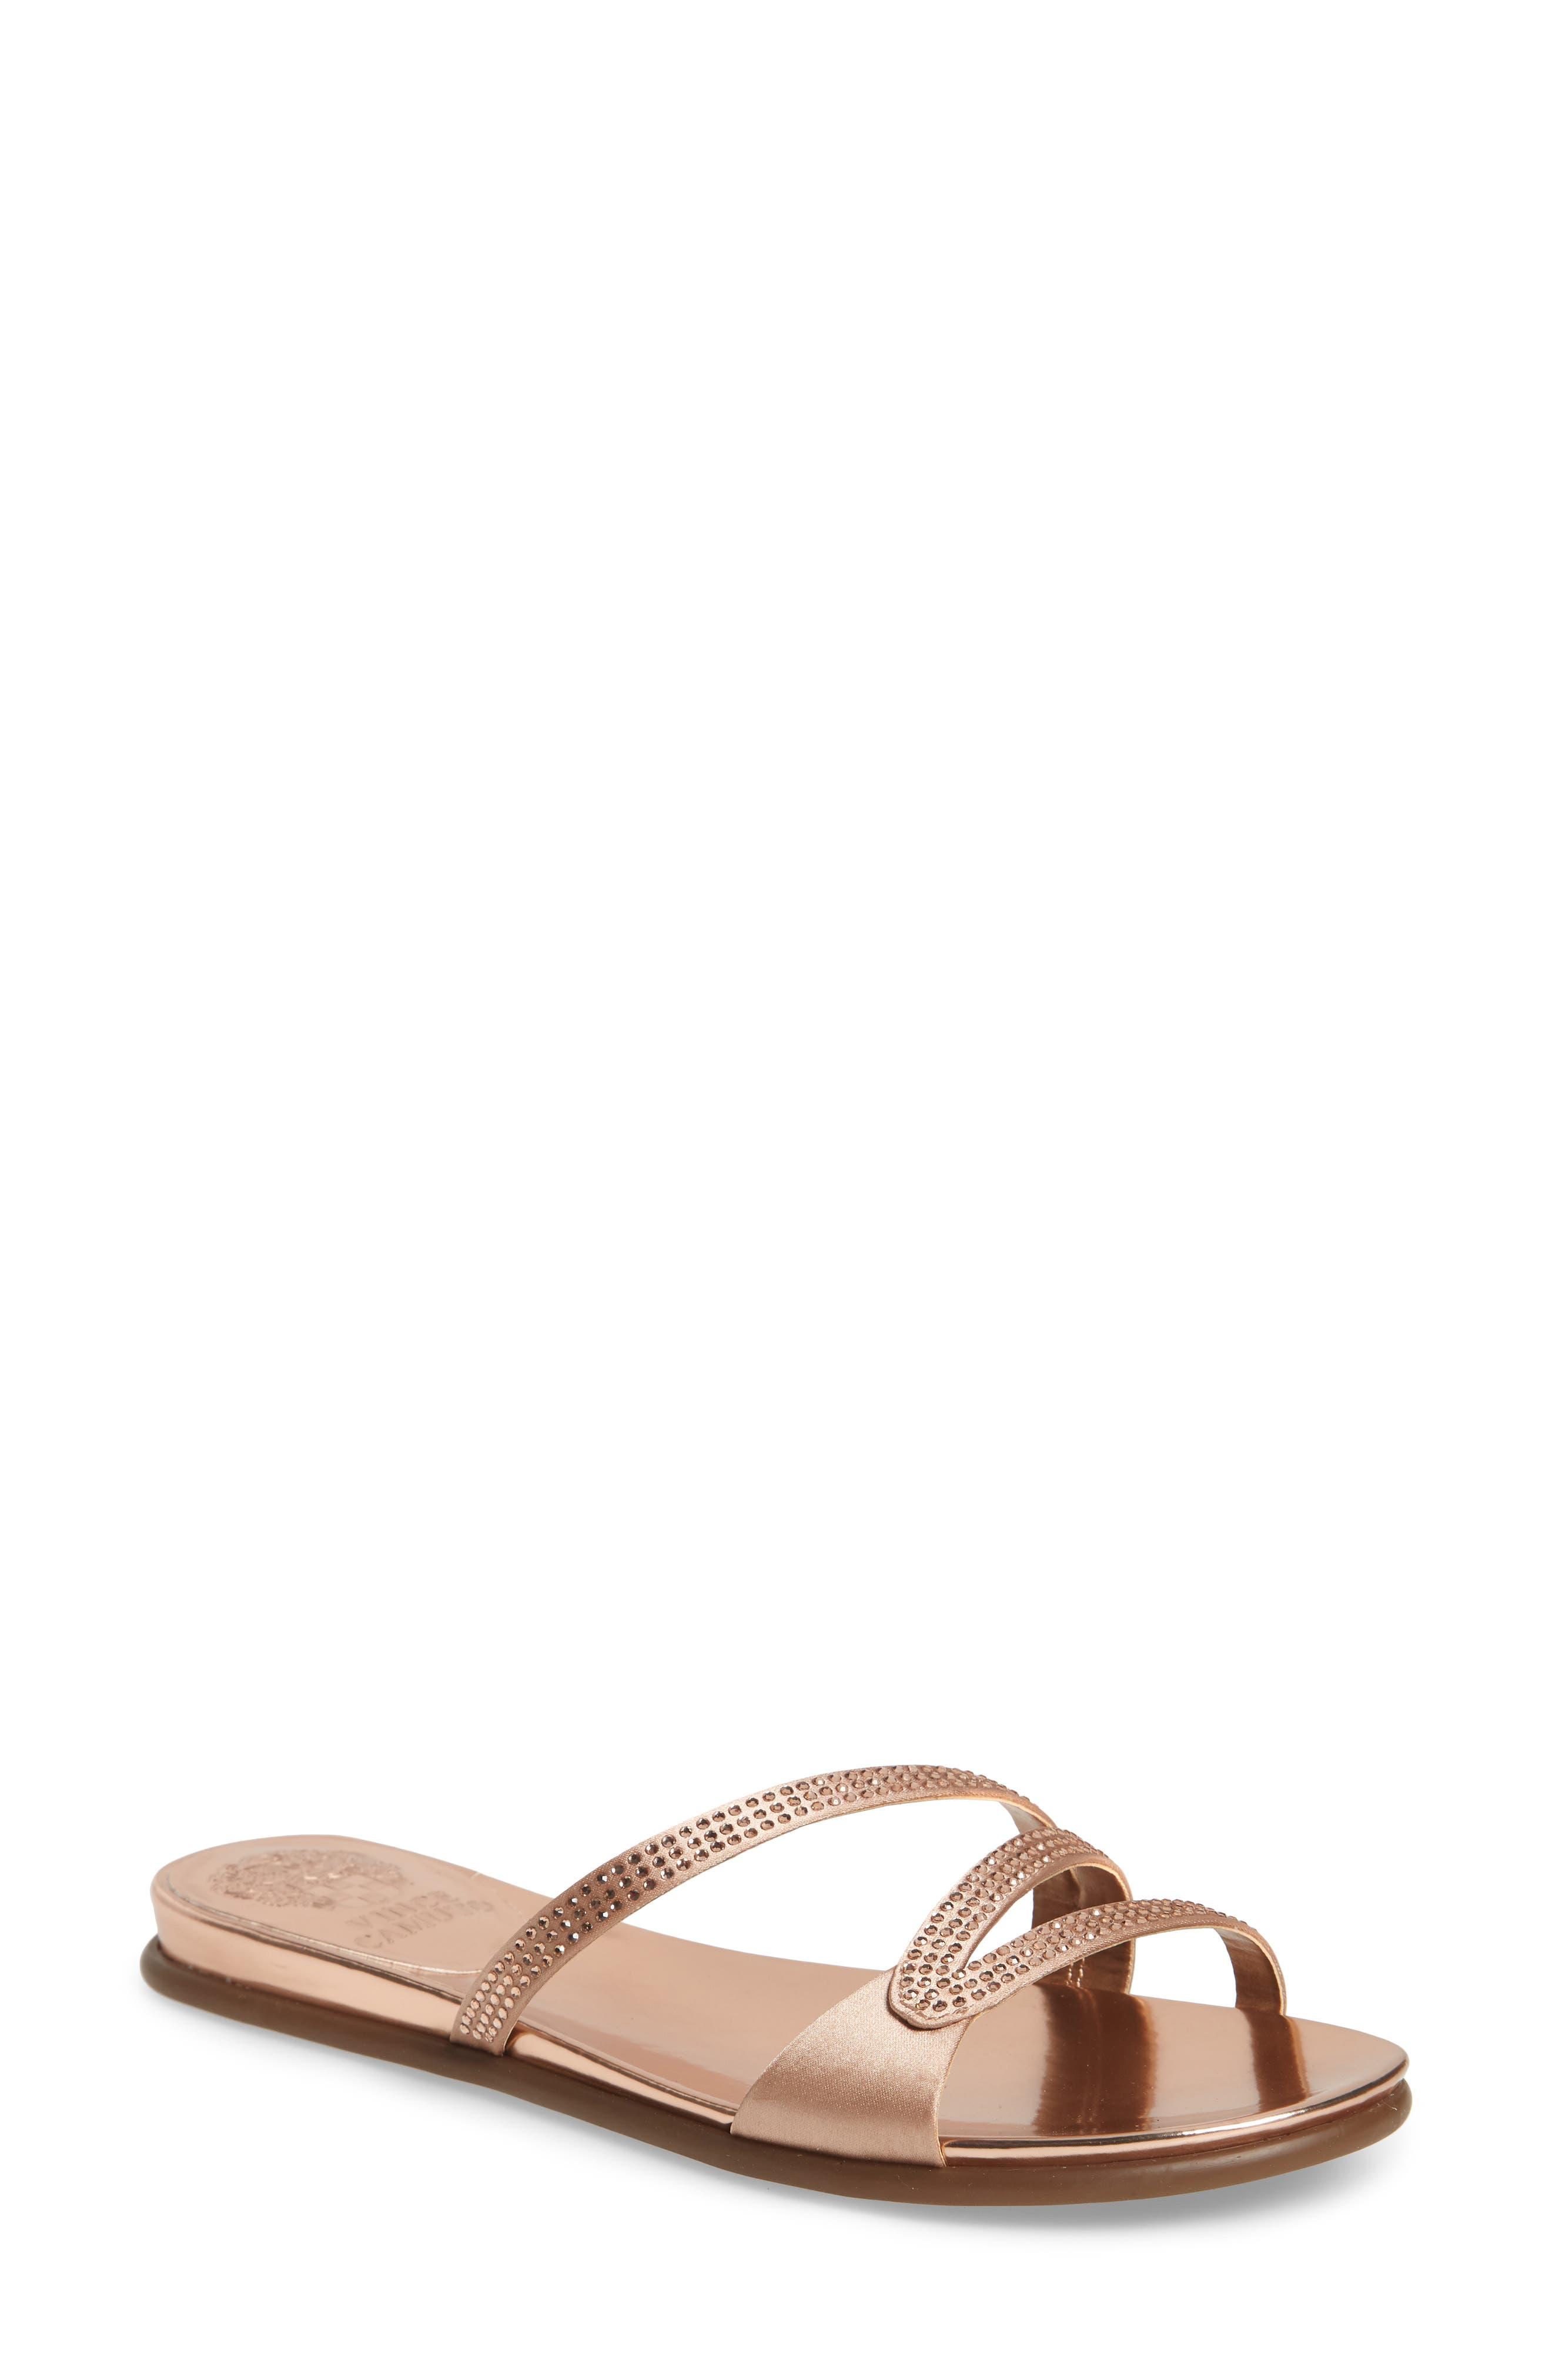 Elouisa Crystal Slide Sandal,                         Main,                         color, Pink Bisque Satin